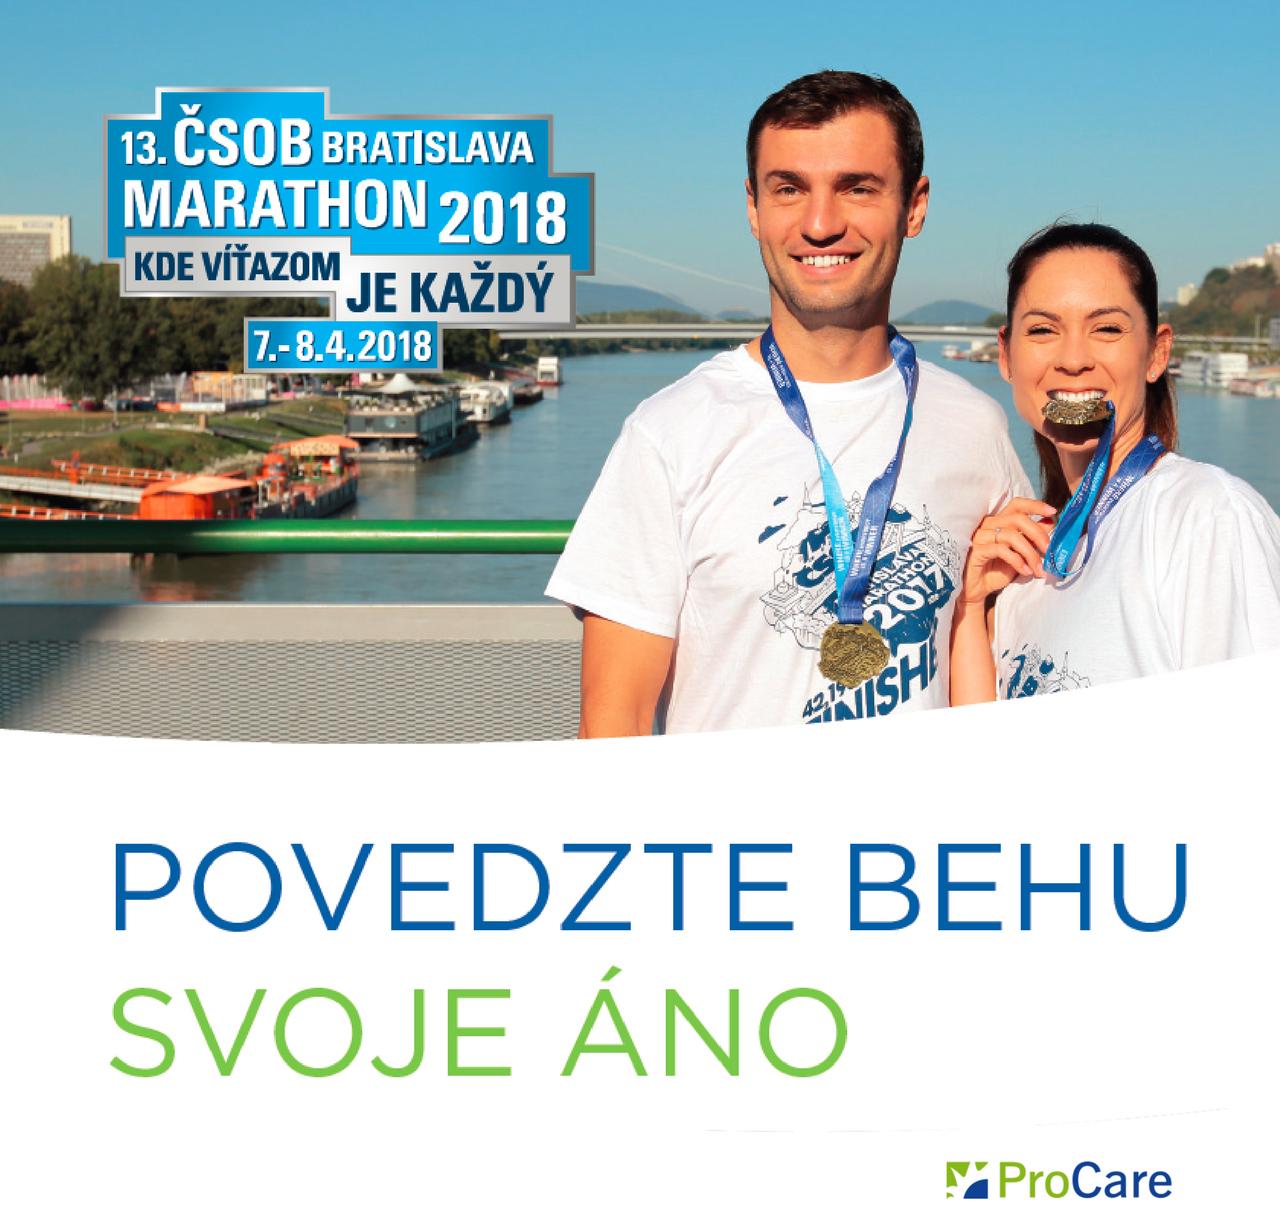 Pripravte sa na beh svojho života - vyhrajte prípravu na 13. ročník ČSOB Bratislava Marathon.